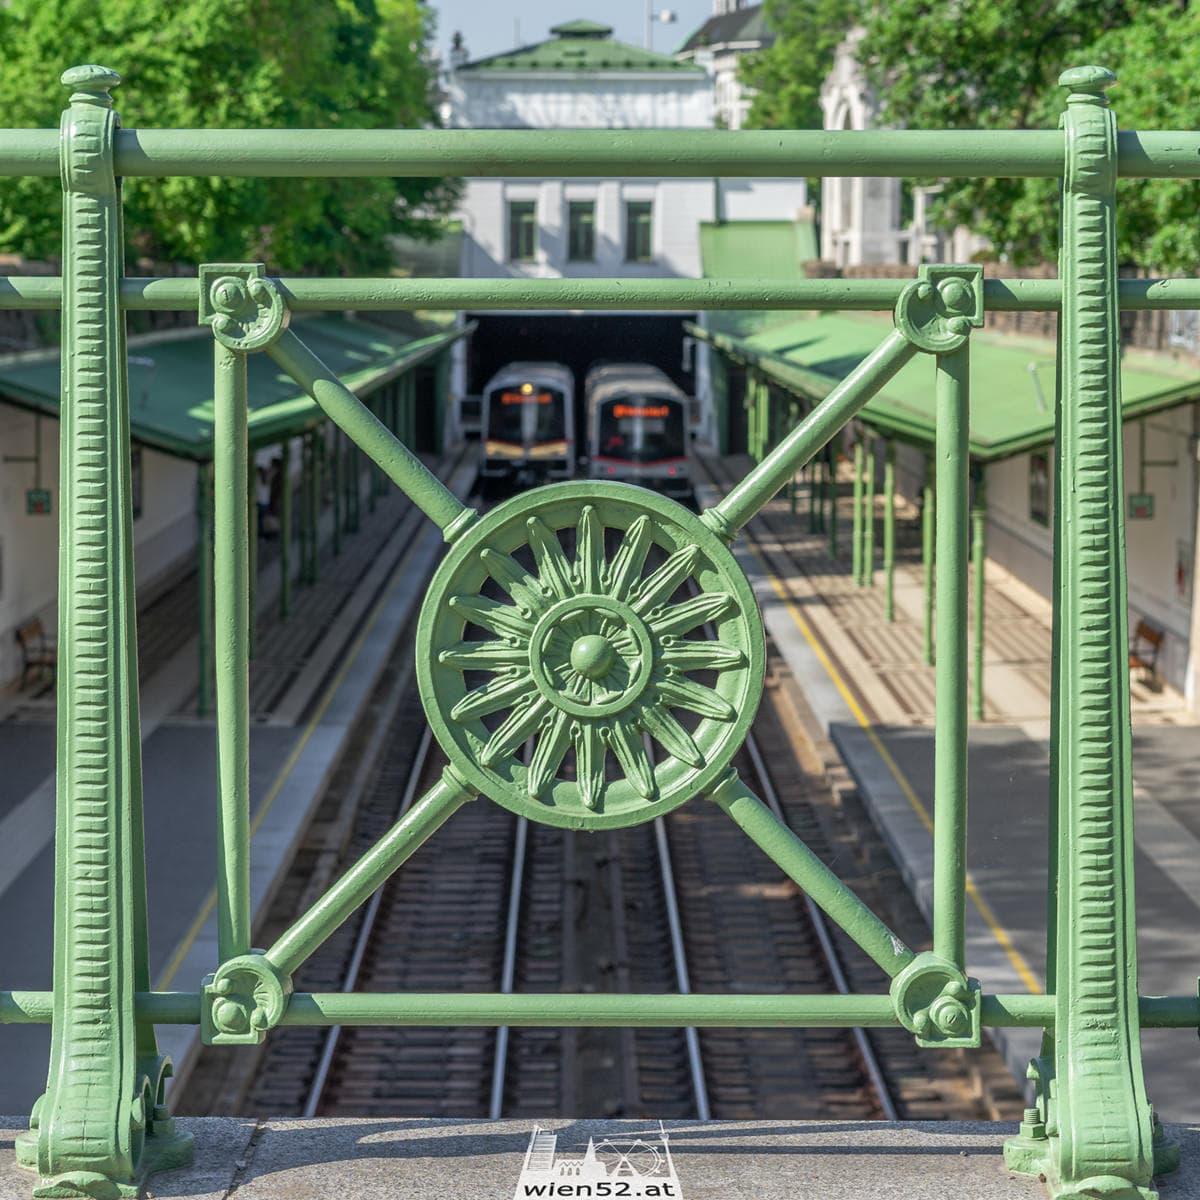 Sonnenblumengitter am Wiener Stadtbahn Geländer